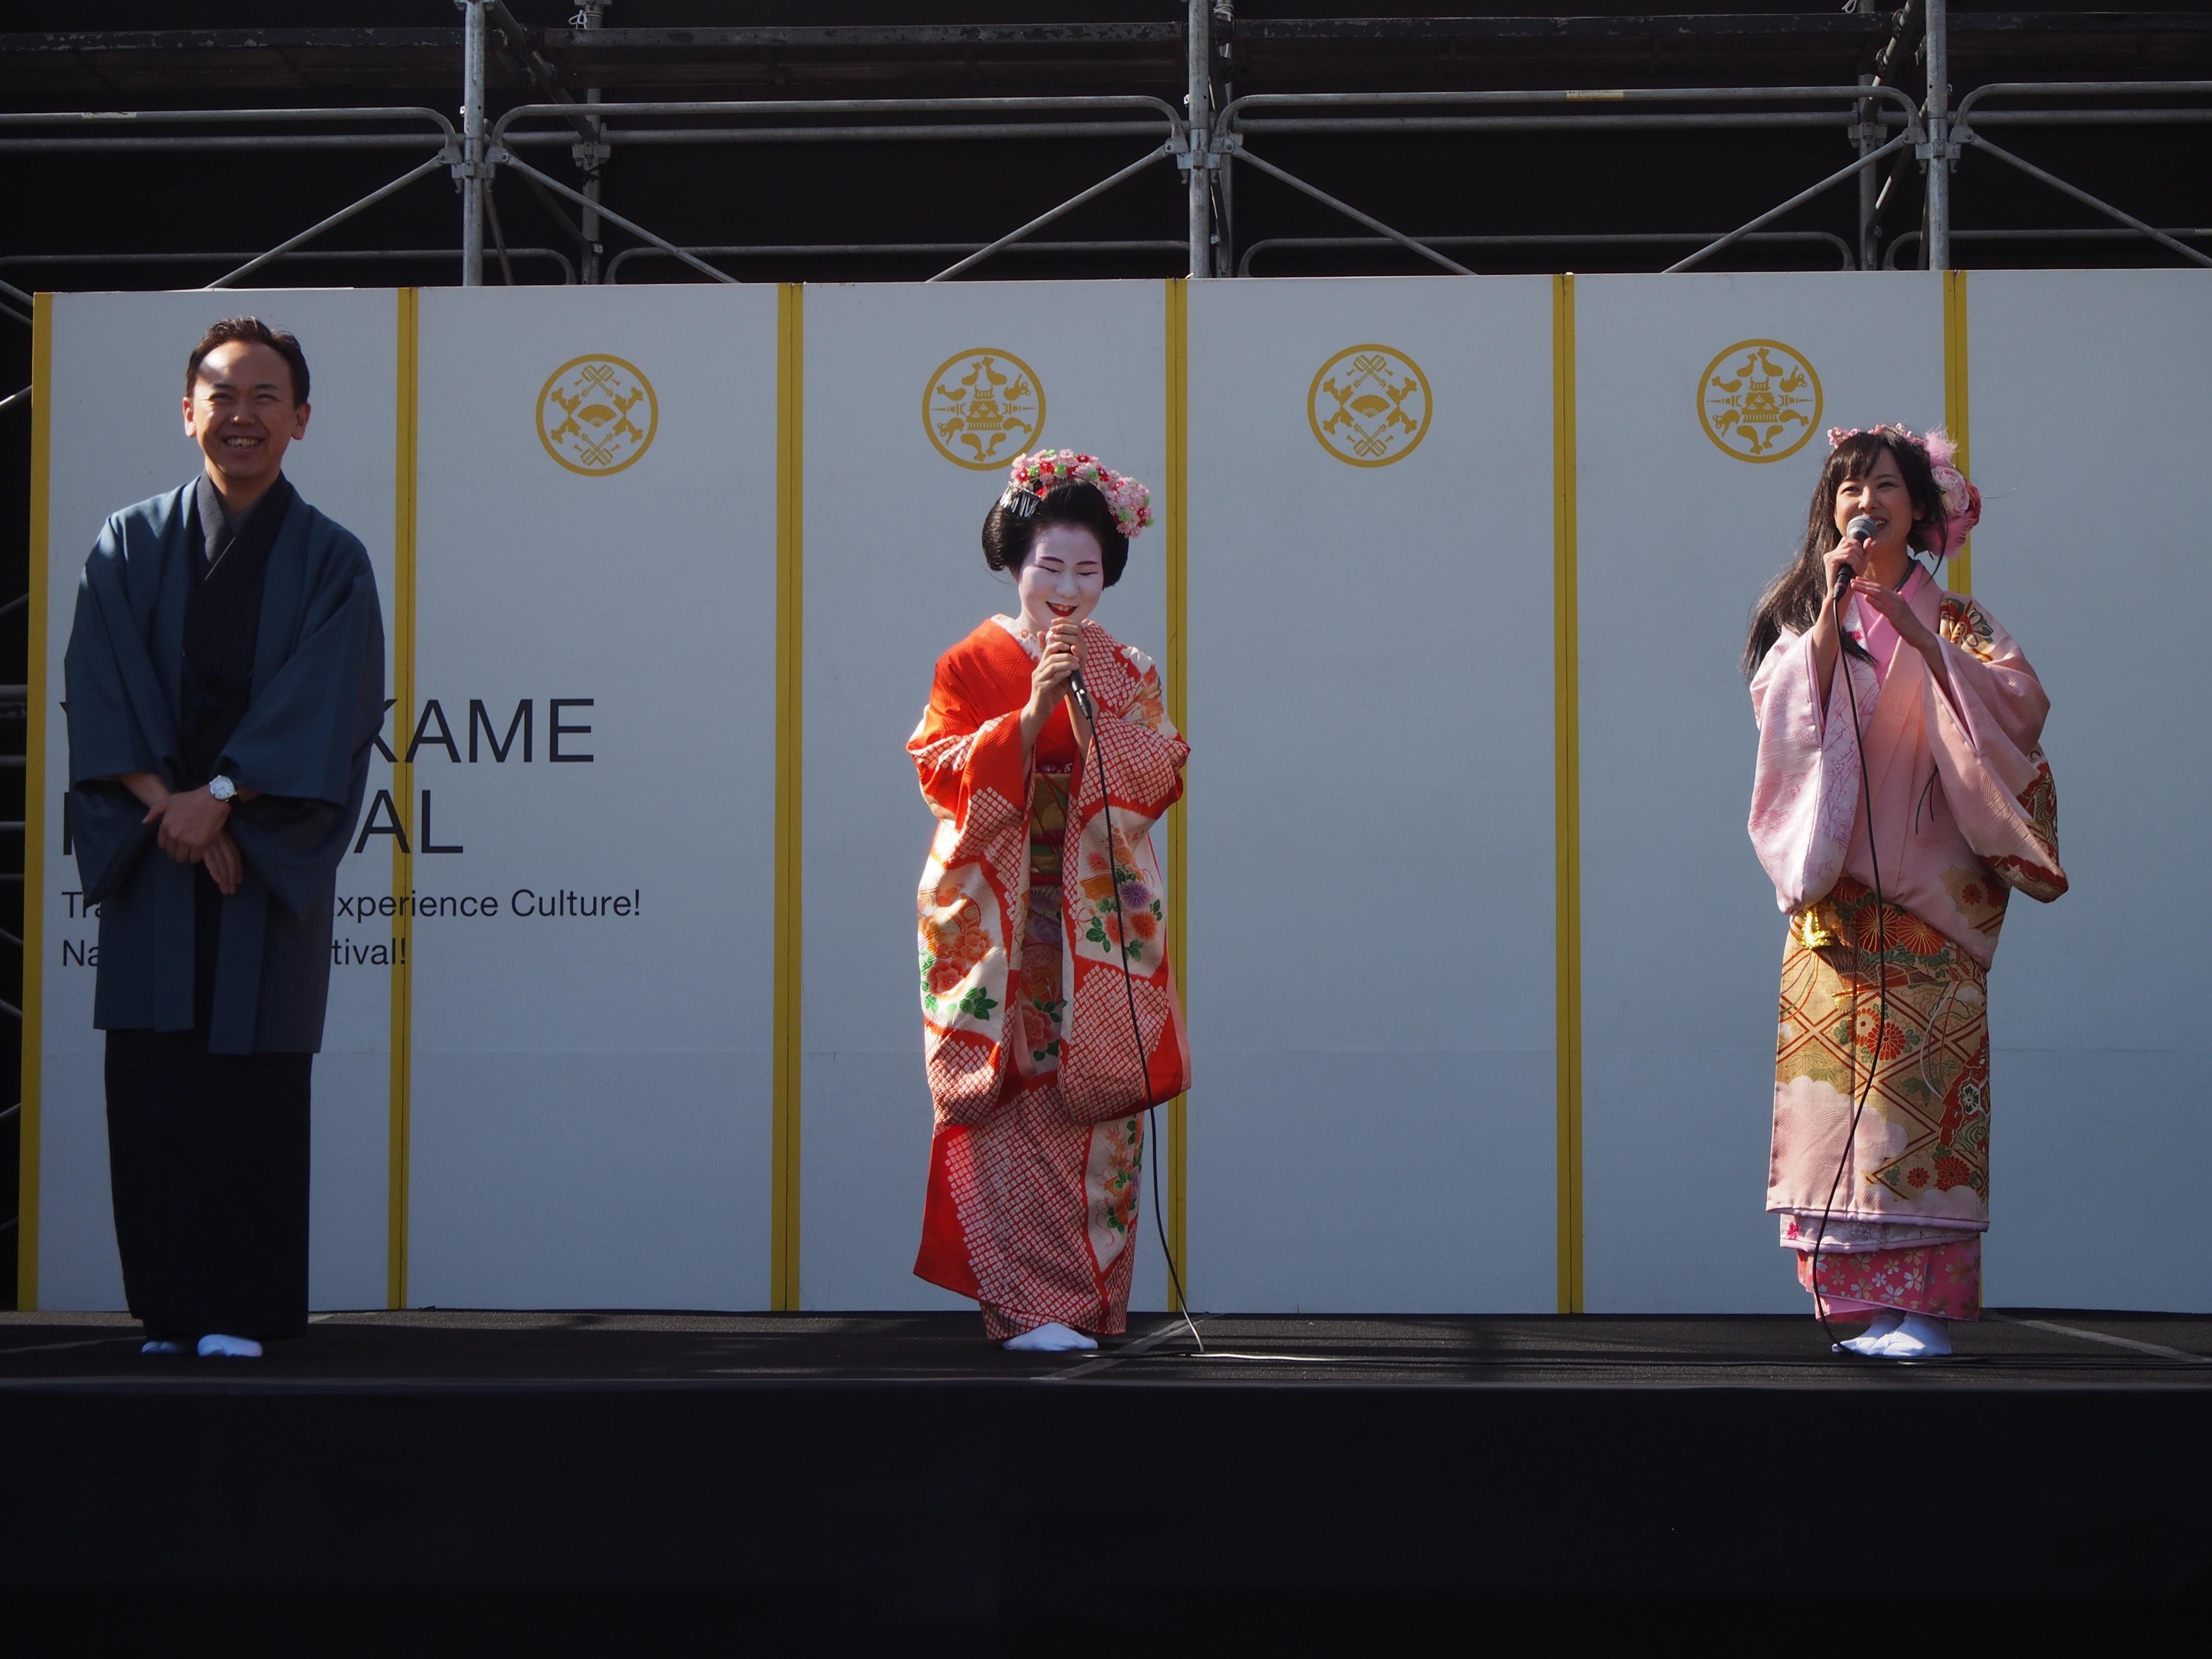 やっとかめ文化祭・名物企画体験レポ&フィナーレ情報も! - PB110046